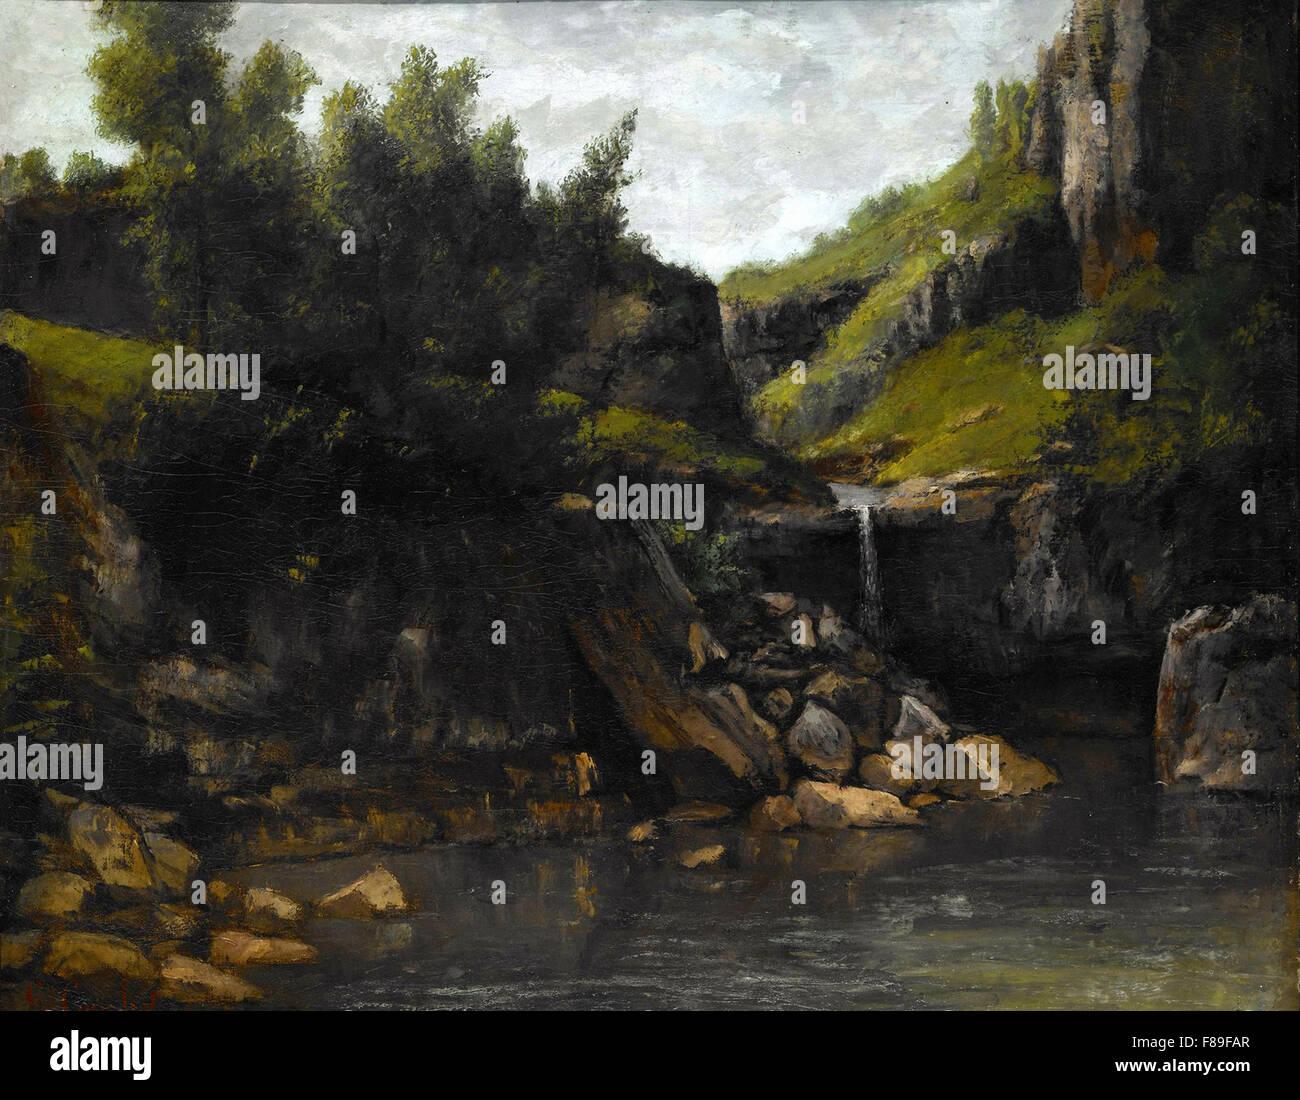 Gustave Courbet - Cascade dans un paysage rocheux Photo Stock